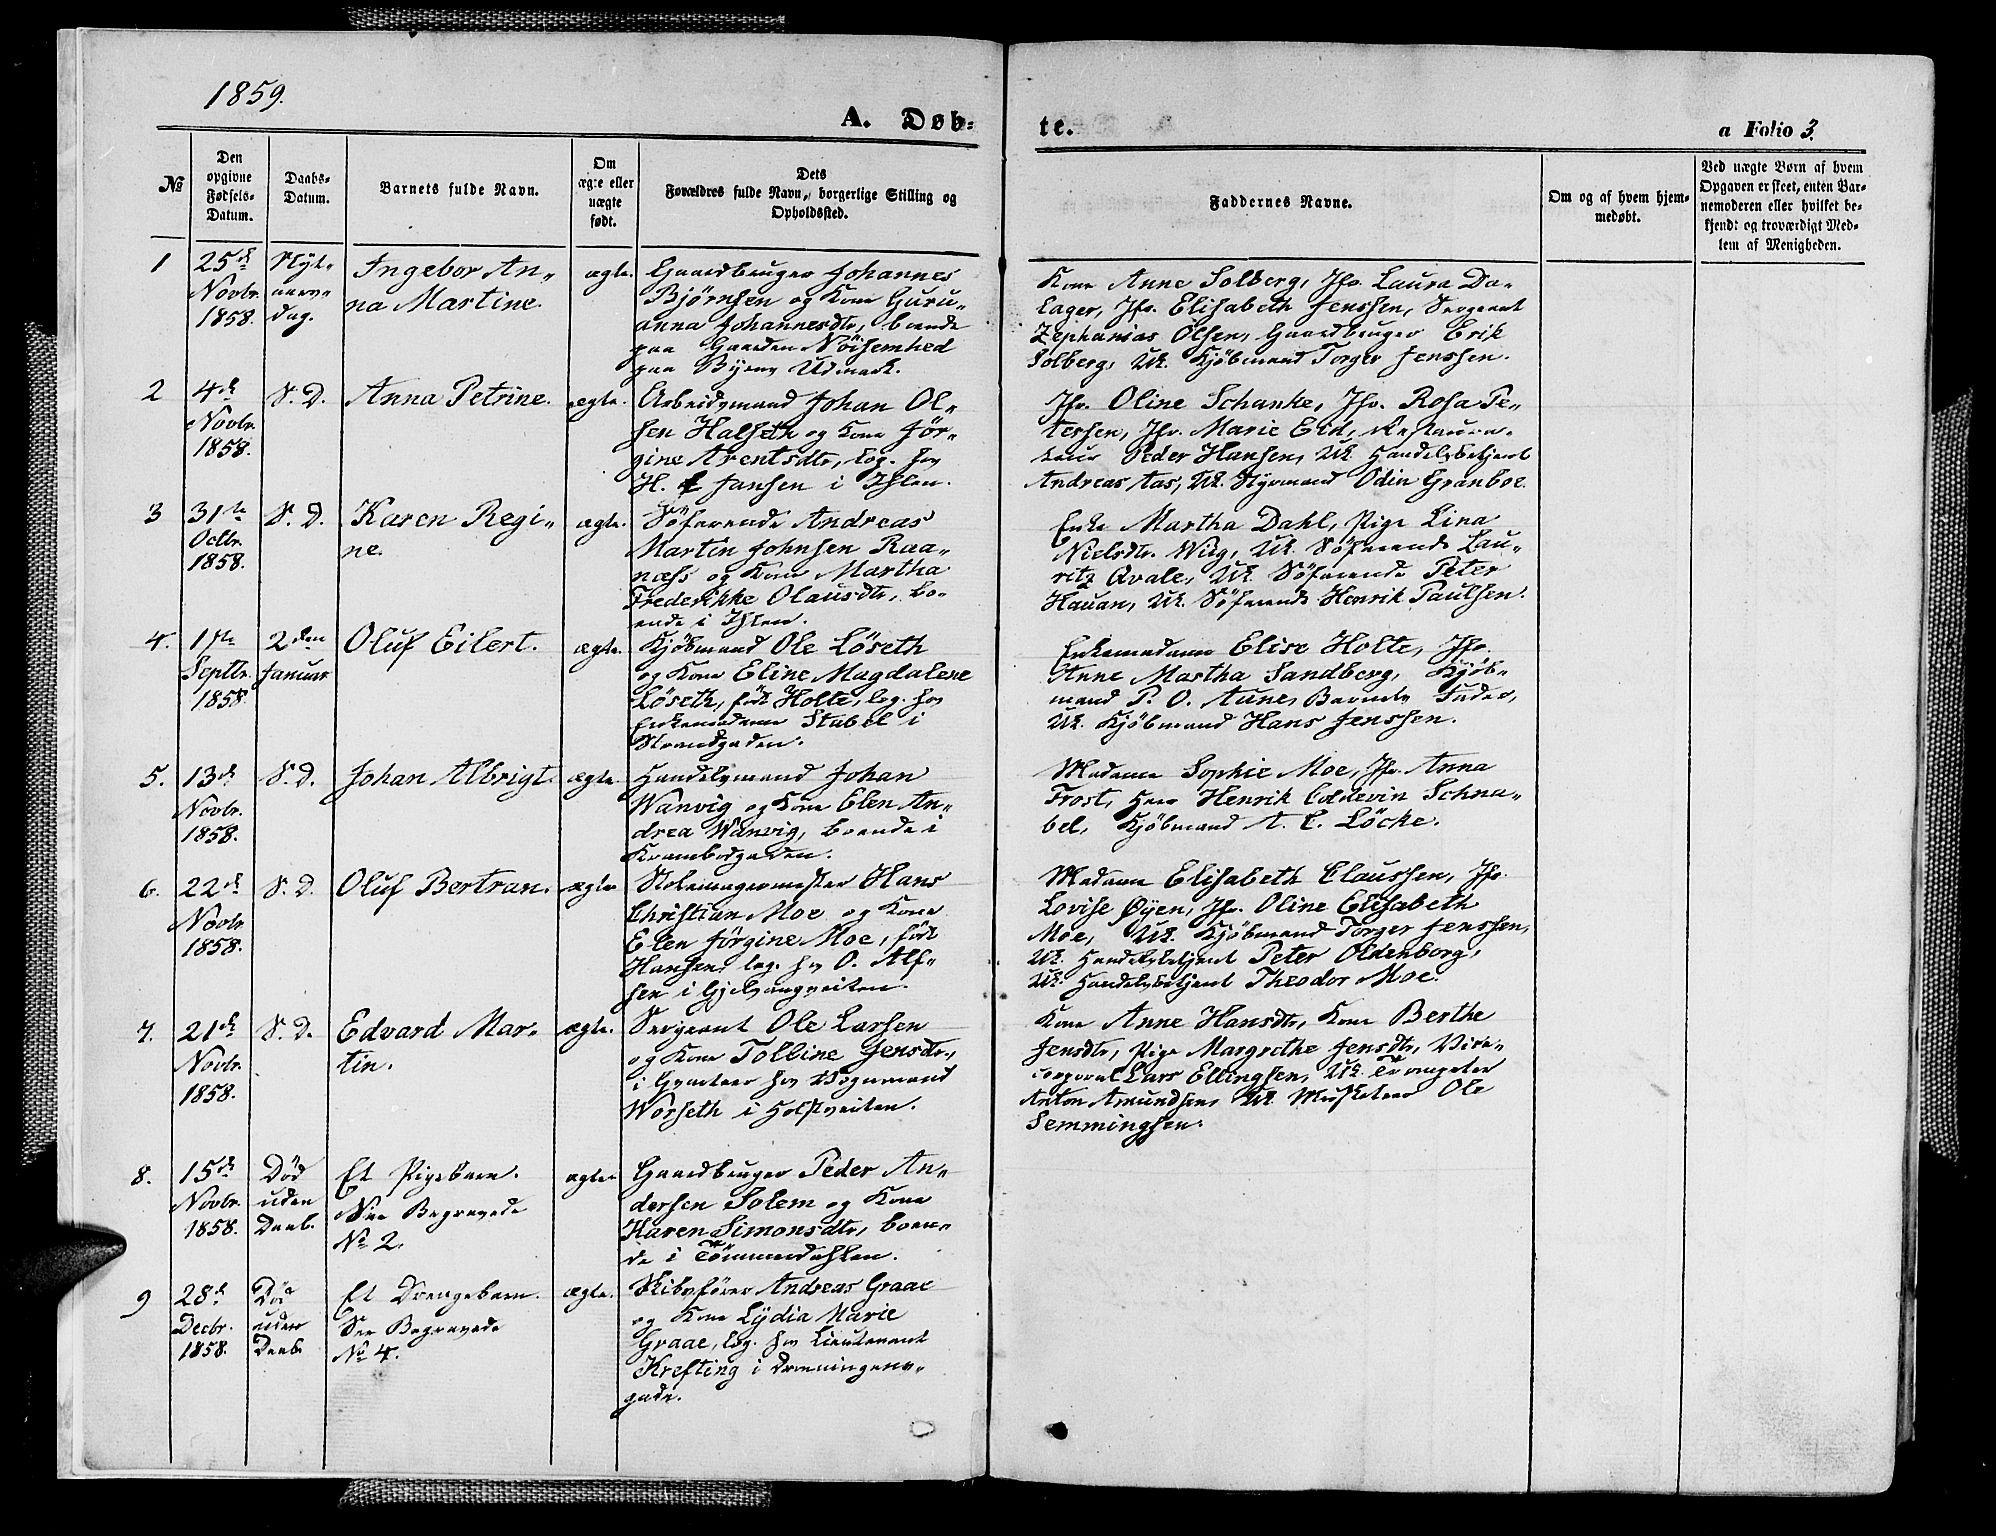 SAT, Ministerialprotokoller, klokkerbøker og fødselsregistre - Sør-Trøndelag, 602/L0139: Klokkerbok nr. 602C07, 1859-1864, s. 3